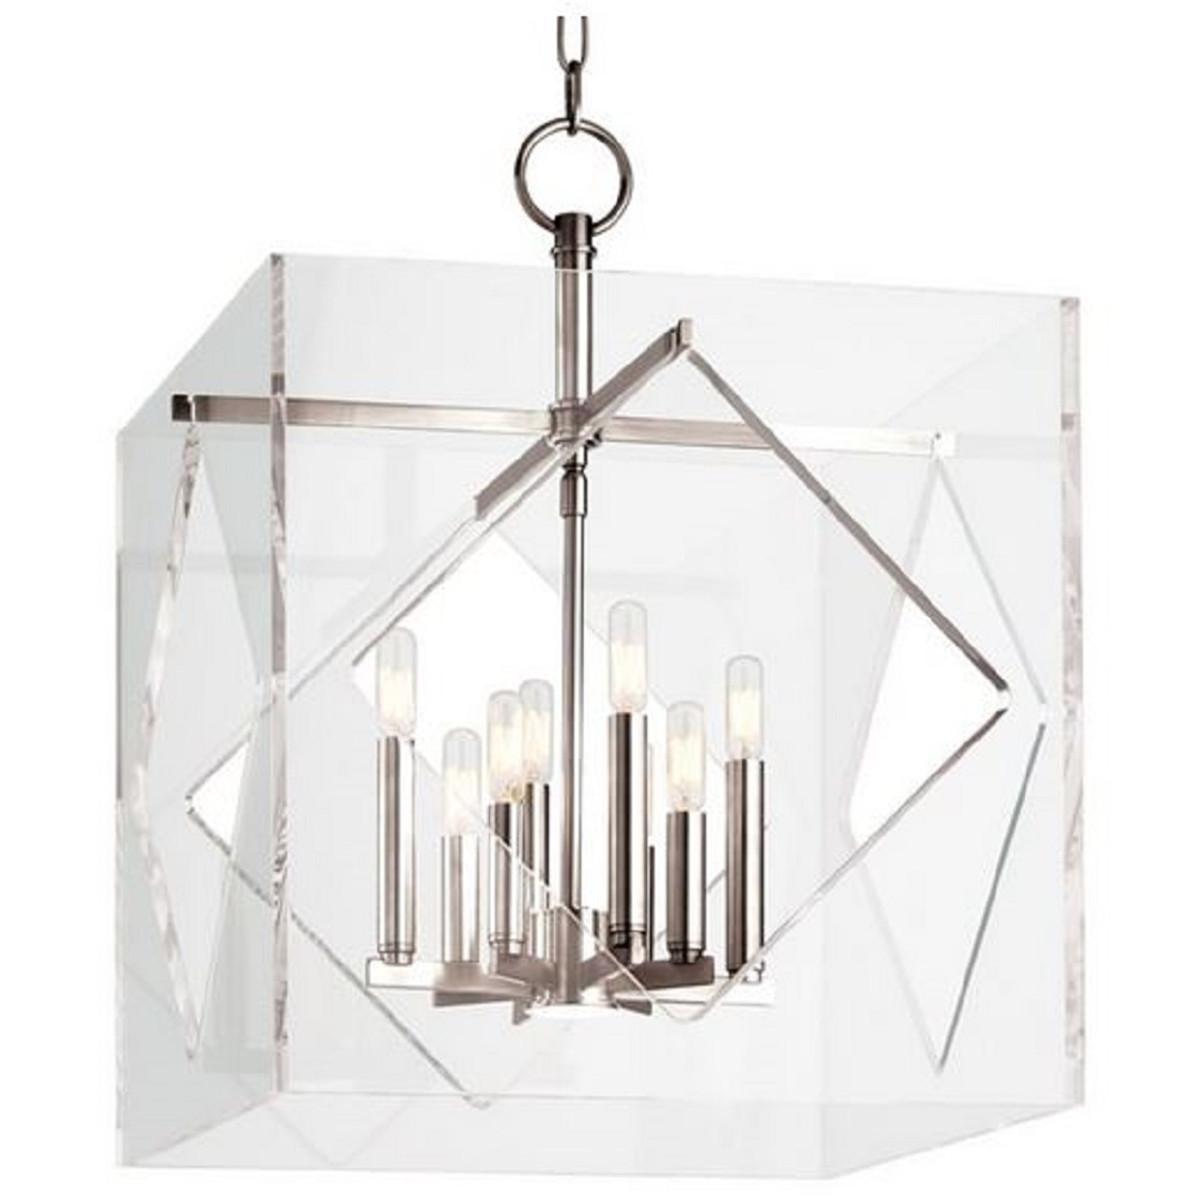 Casa Padrino Luxus Hängeleuchte Silber 50,8 x 50,8 x H. 67,3 cm - Pendelleuchte in Würfelform 1